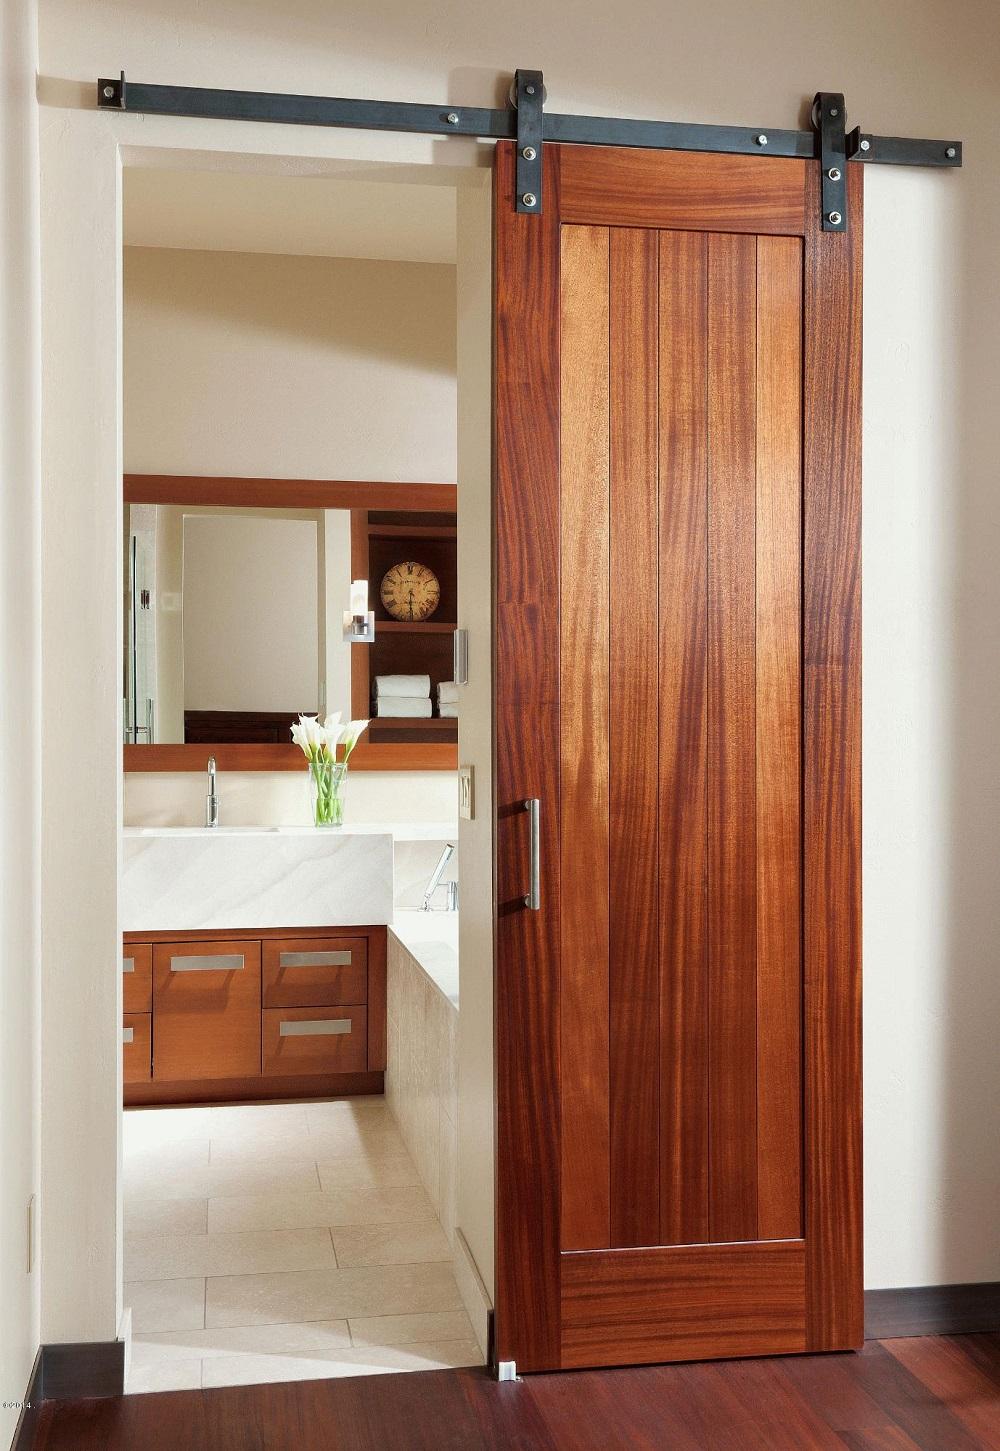 Узкая раздвижная дверь насыщенным древесным рисунком